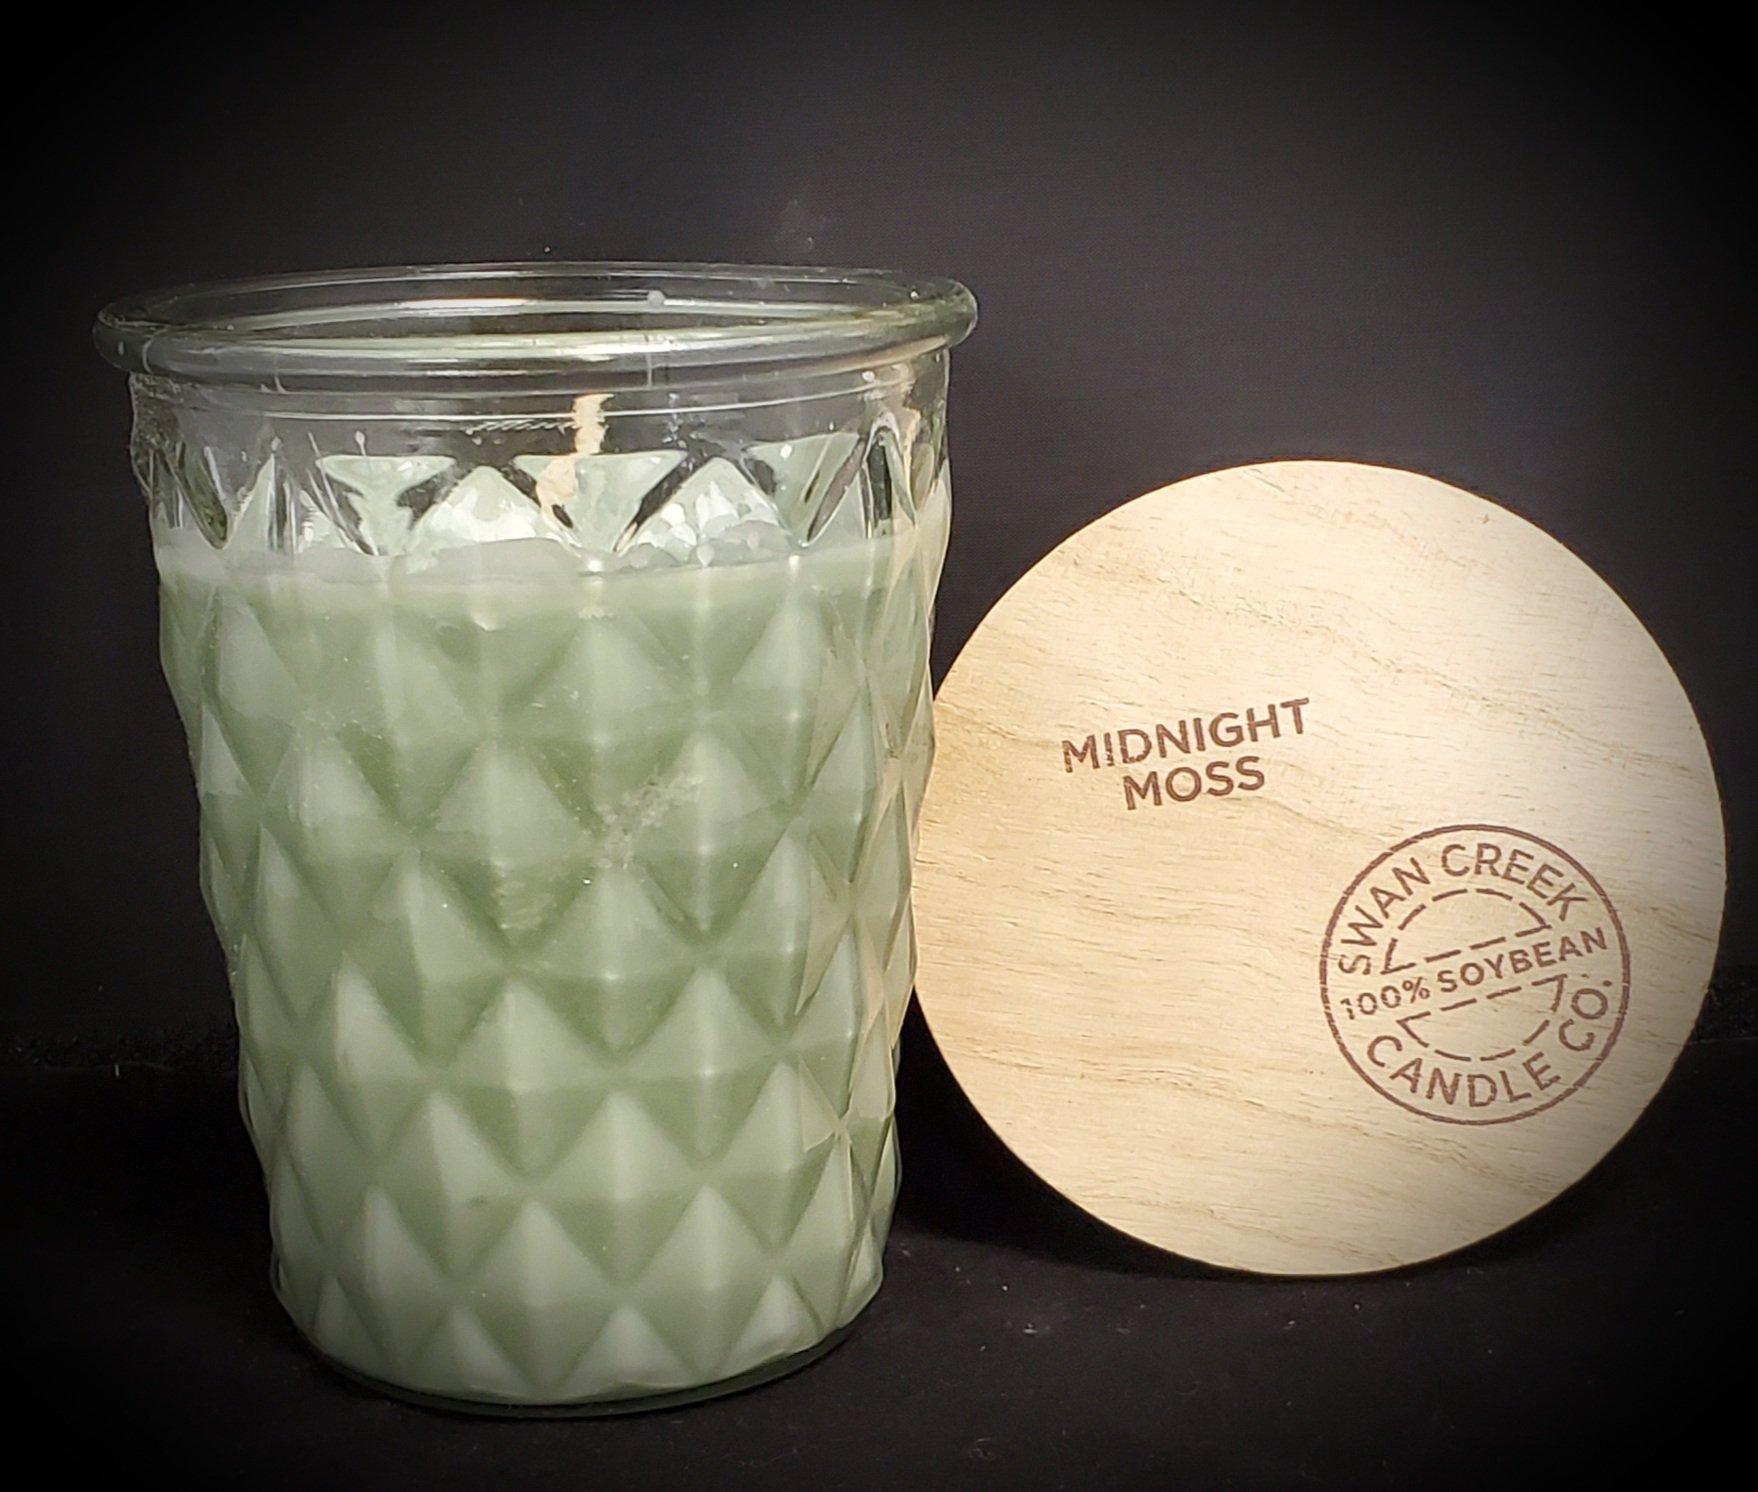 Swan Creek Candles Timeless Jar - Midnight Moss